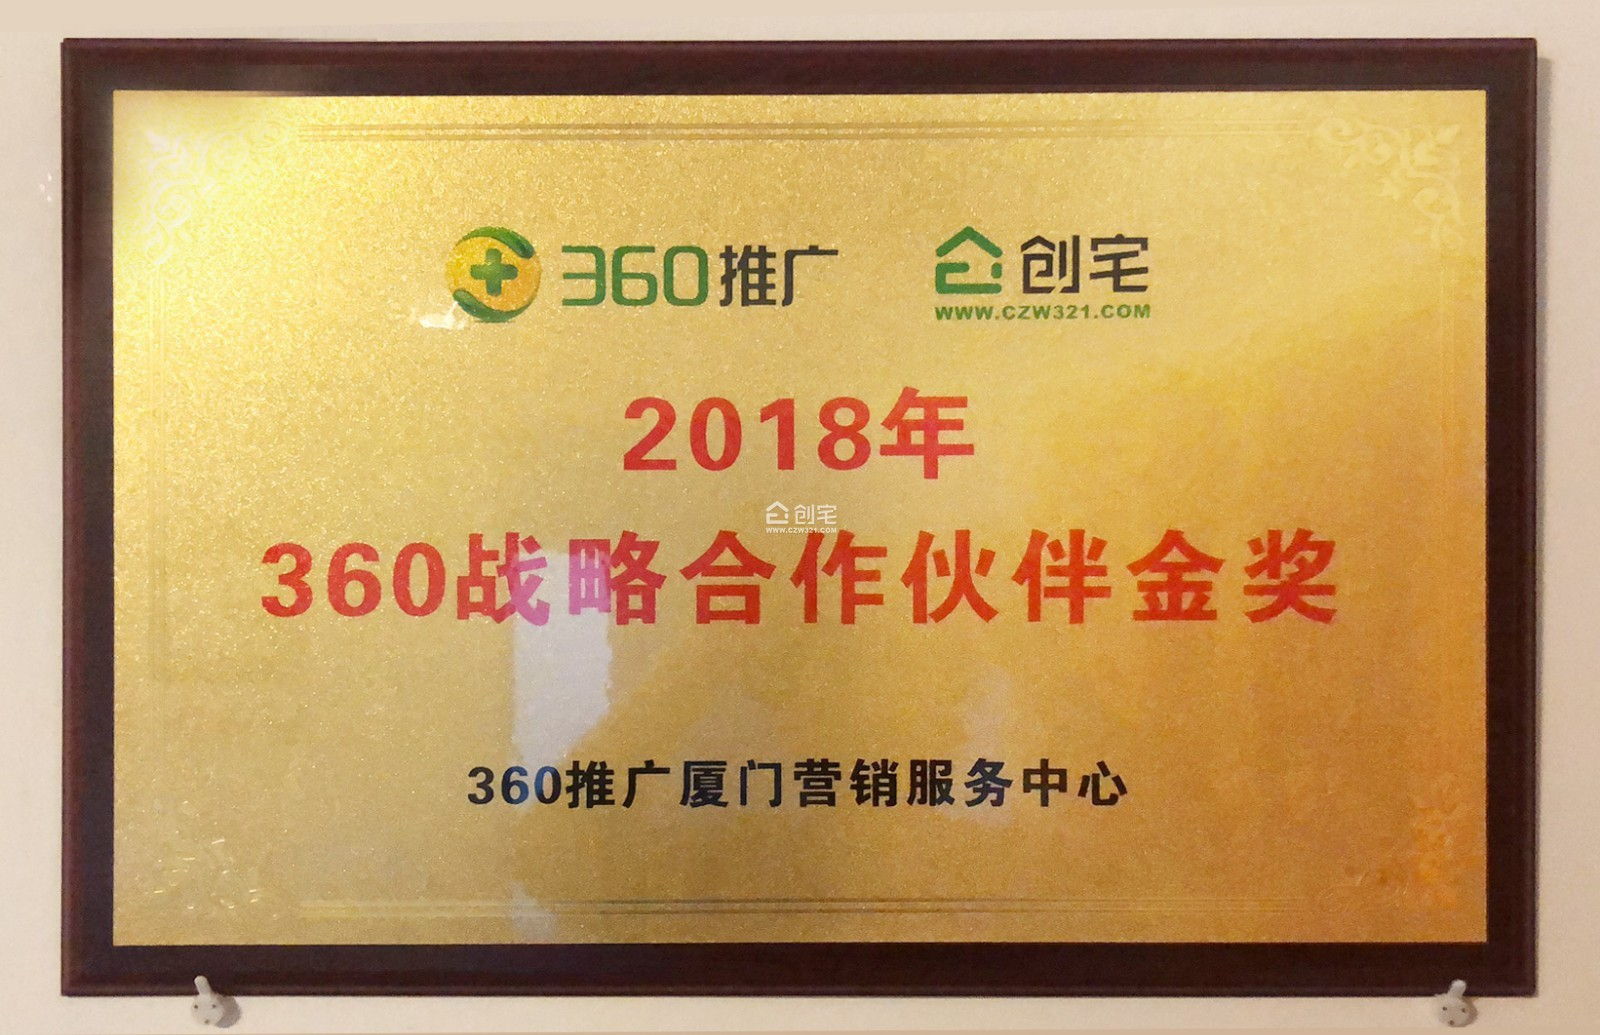 蓄势待发,共创未来-创宅装修网与360搜索签署2019年战略合作协议